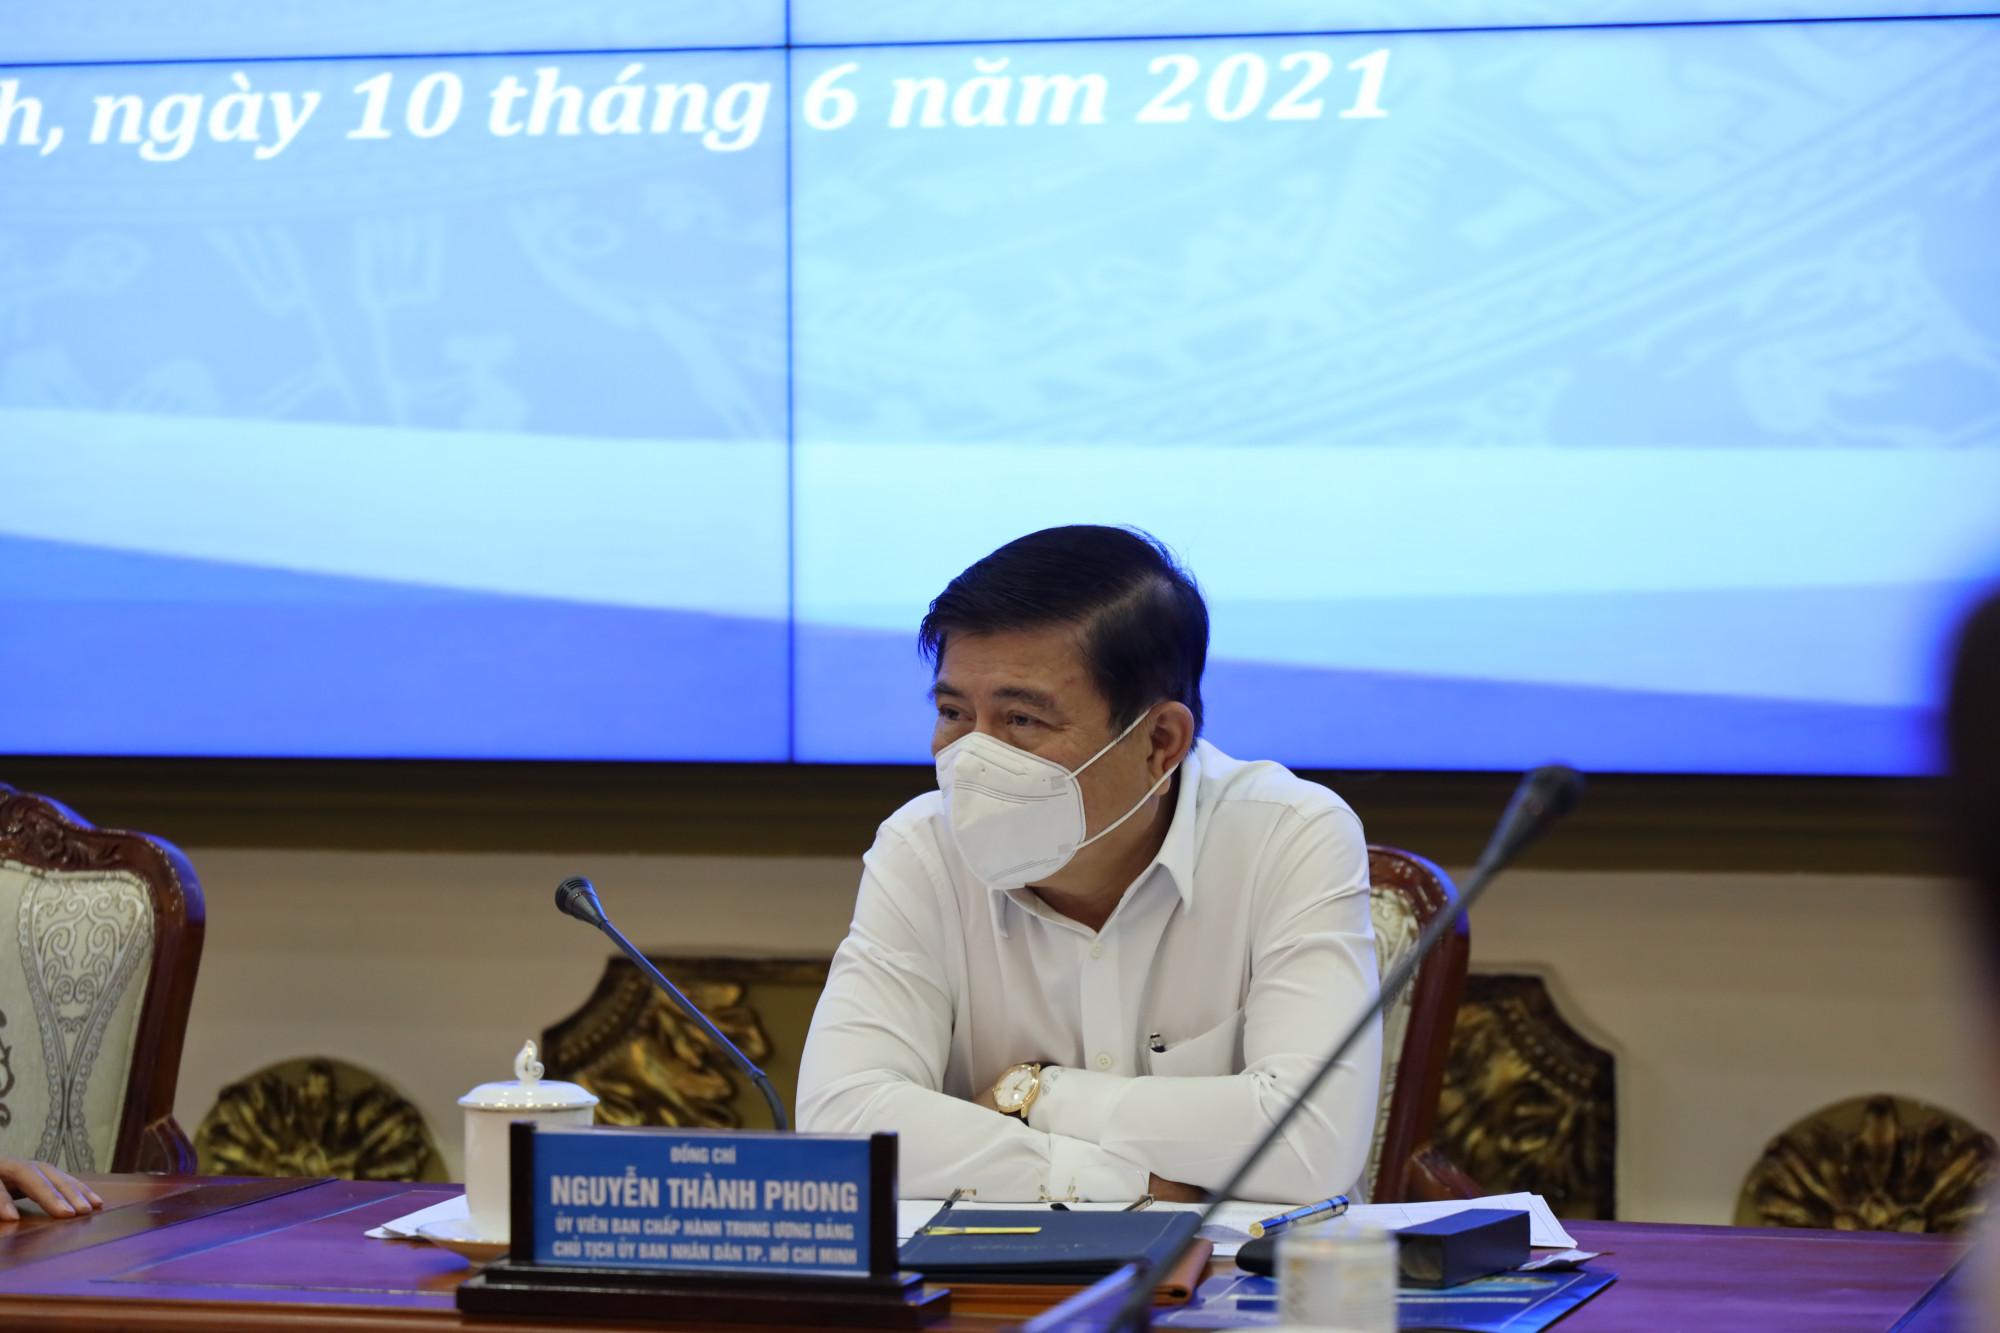 Chủ tịch UBND TPHCM Nguyễn Thành Phong khẳng định đeo bám các giải pháp hỗ trợ doanh nghiệp